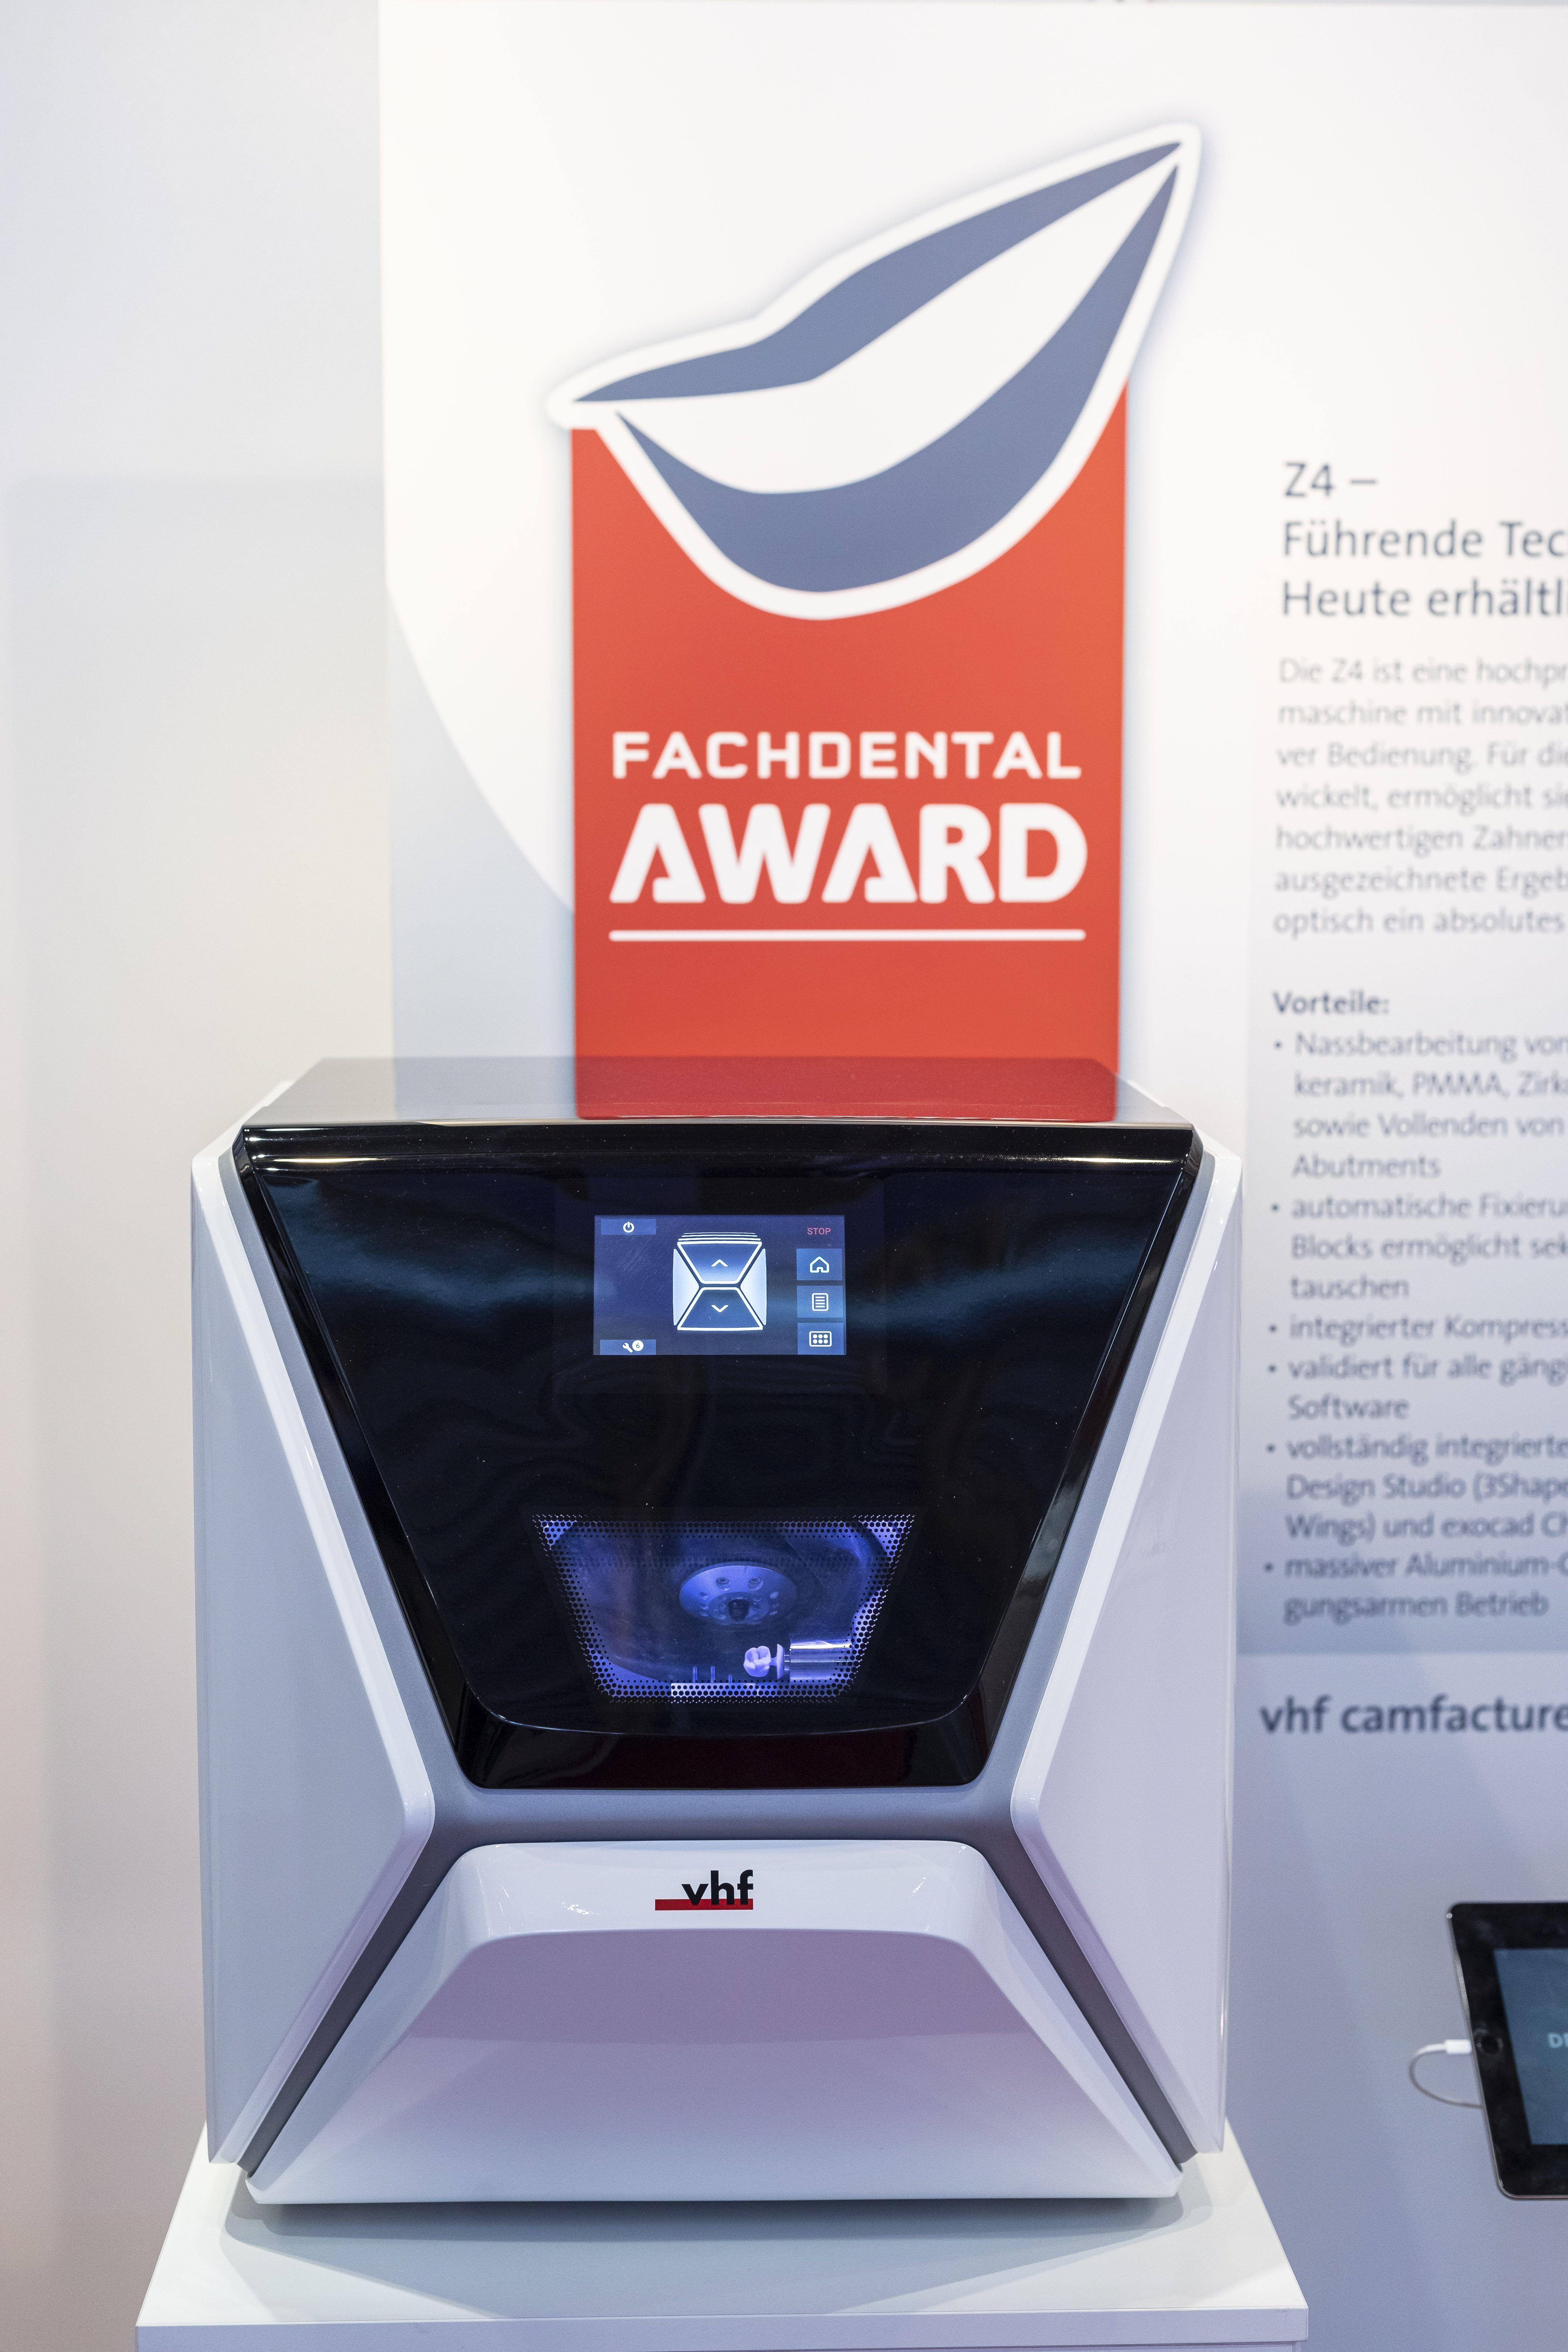 Preisgekrönt: die innovative Z4 von vhf gewinnt den diesjährigen Fachdental-Award.